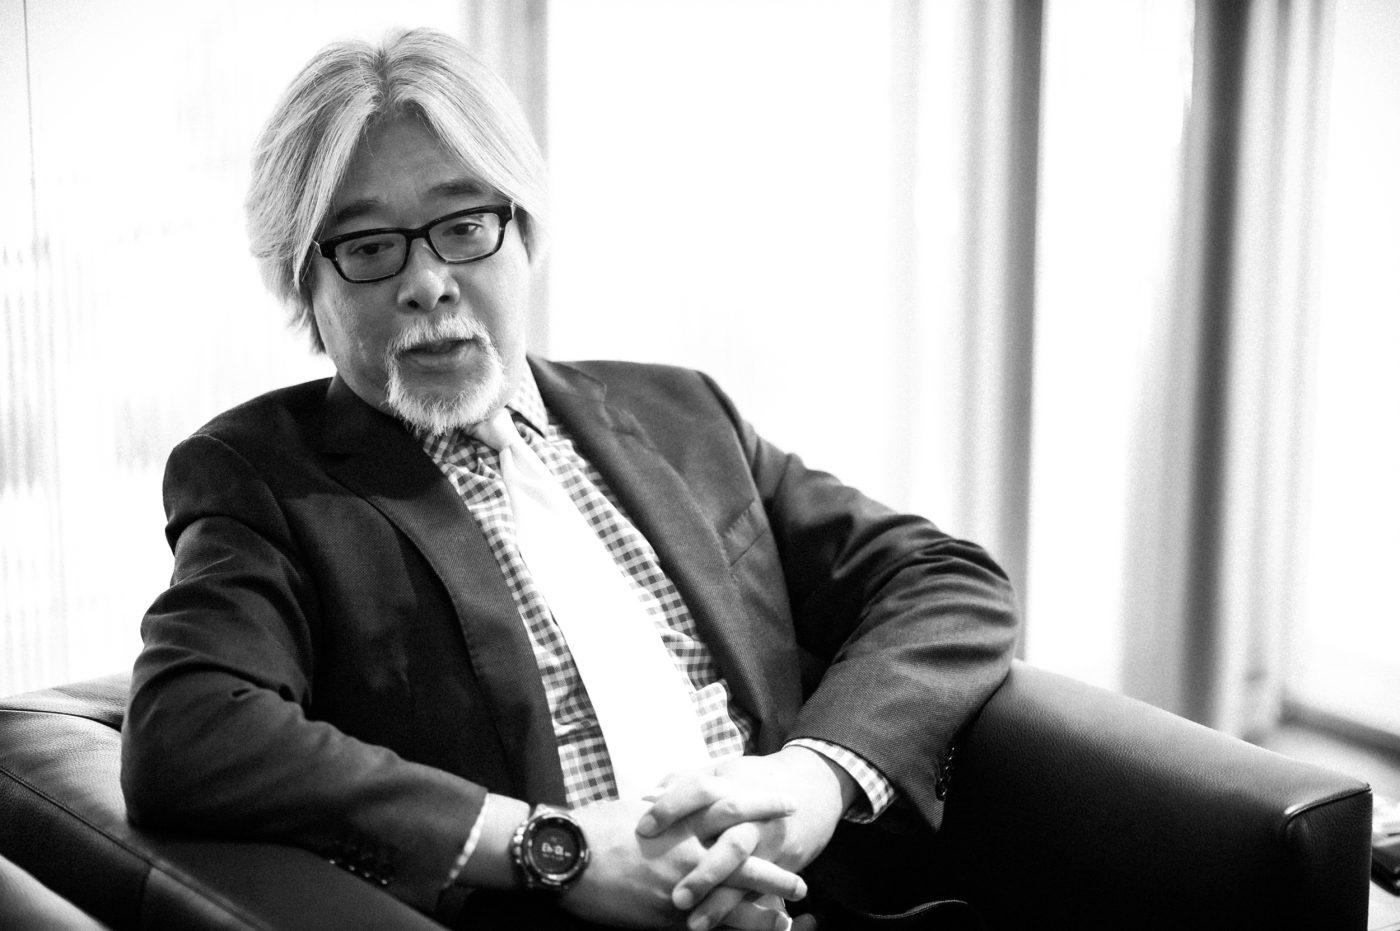 【5G新規事業】商用サービス開始間近の次世代通信「5G」、日本企業がグローバル競争に勝つ条件は 御供俊元 ソニー常務